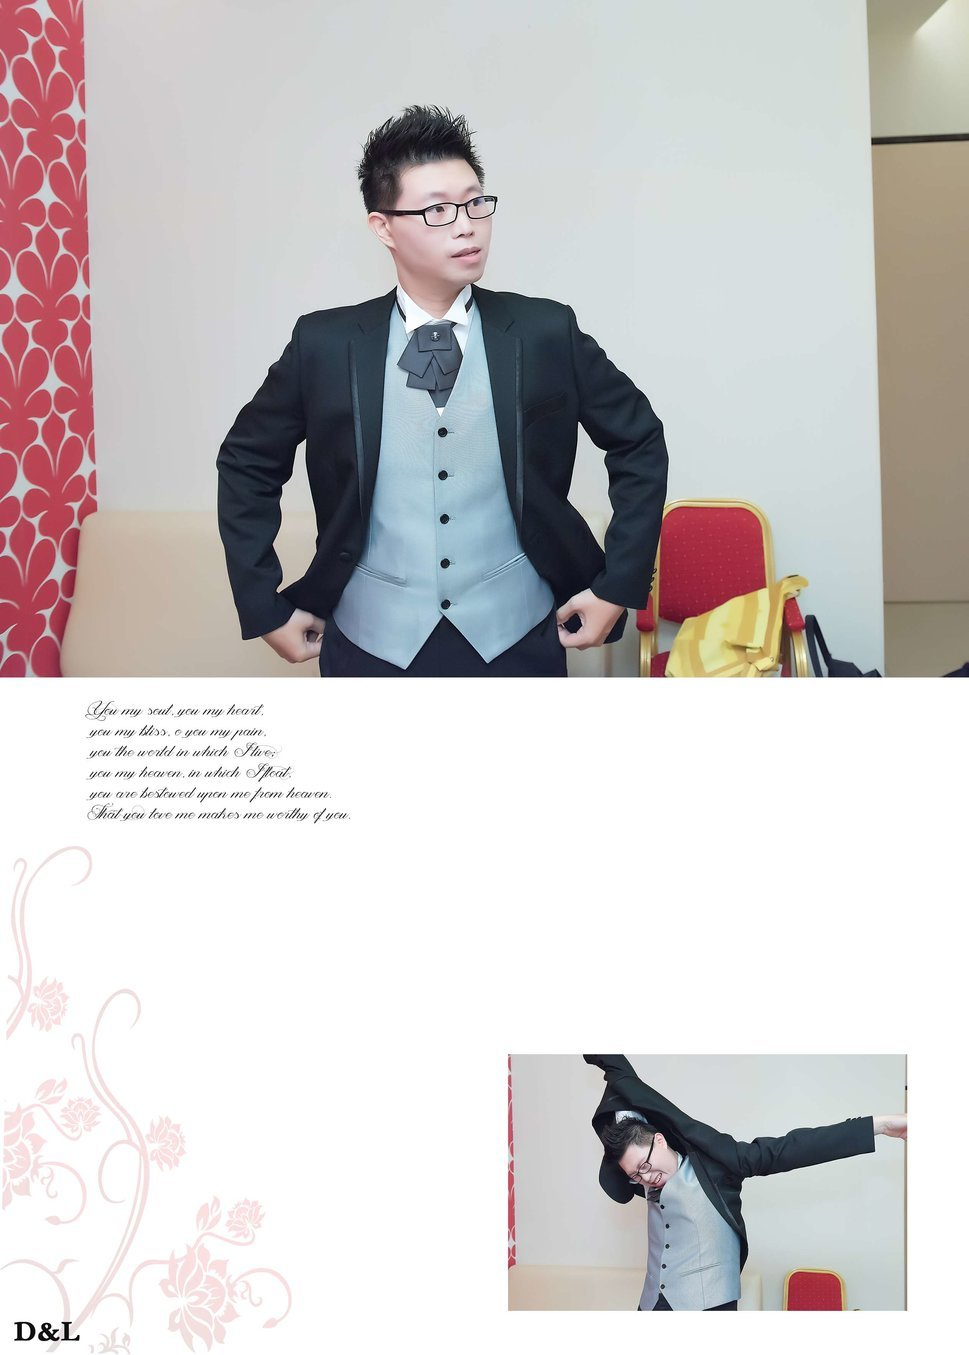 婚禮紀錄-顥天&美彣(編號:253182) - D&L 婚禮事務-婚禮攝影/婚紗攝影 - 結婚吧一站式婚禮服務平台